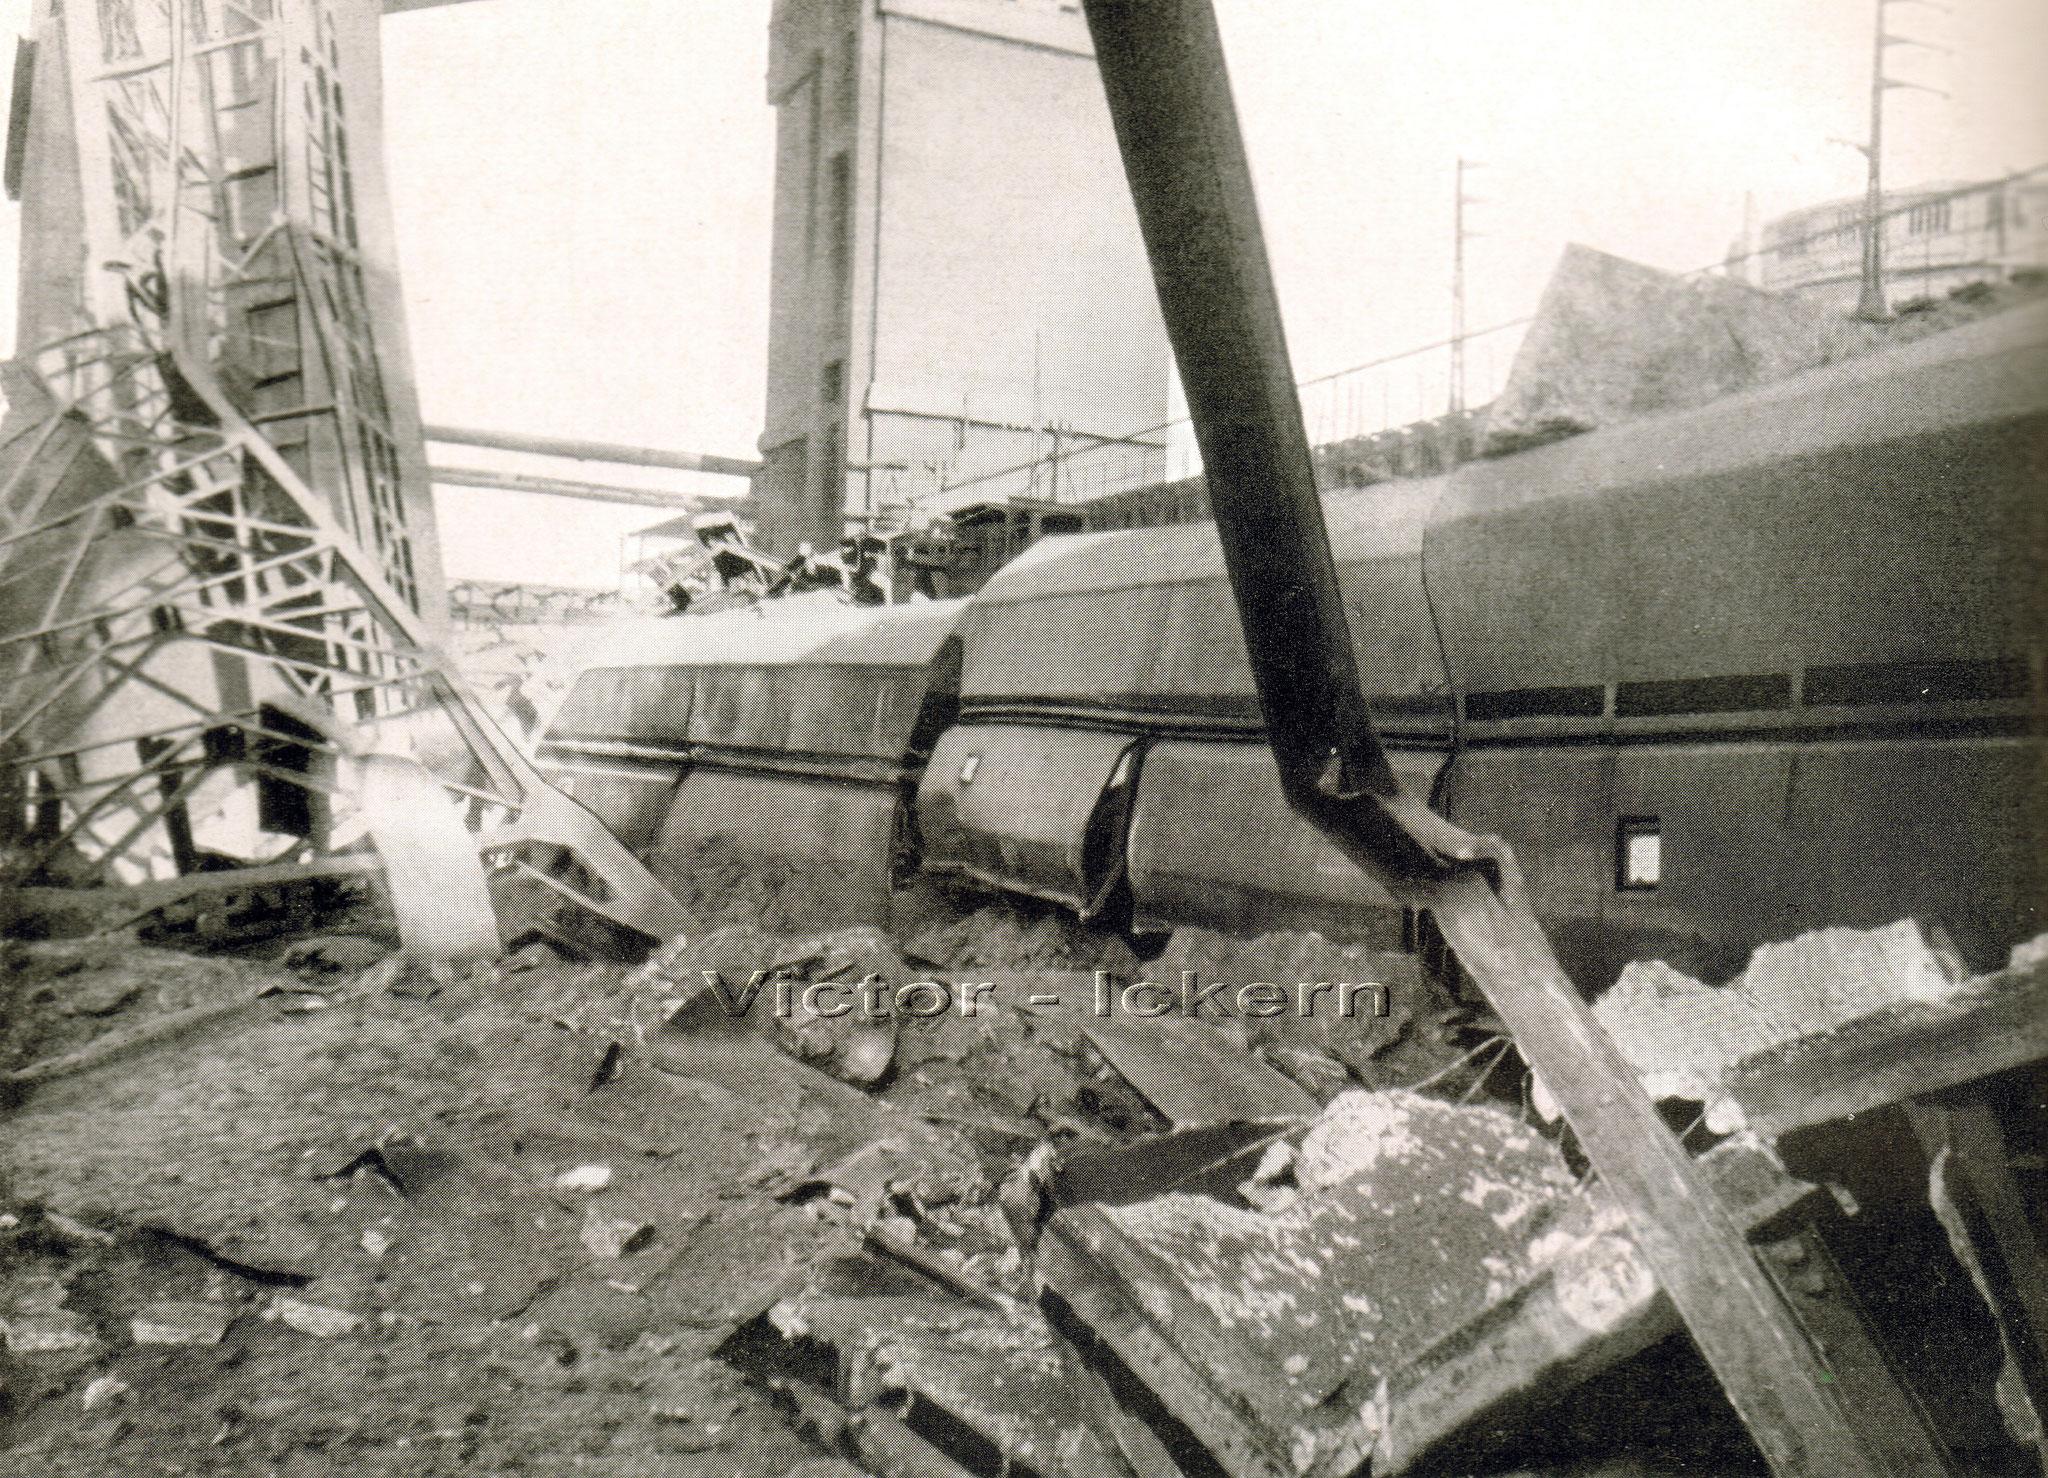 Victor III/IV nach dem Bombenangriff am 09.11.1944, Zerstörte Kokskohlen Transportanlage, Koksbattereie und Grossraumwagen